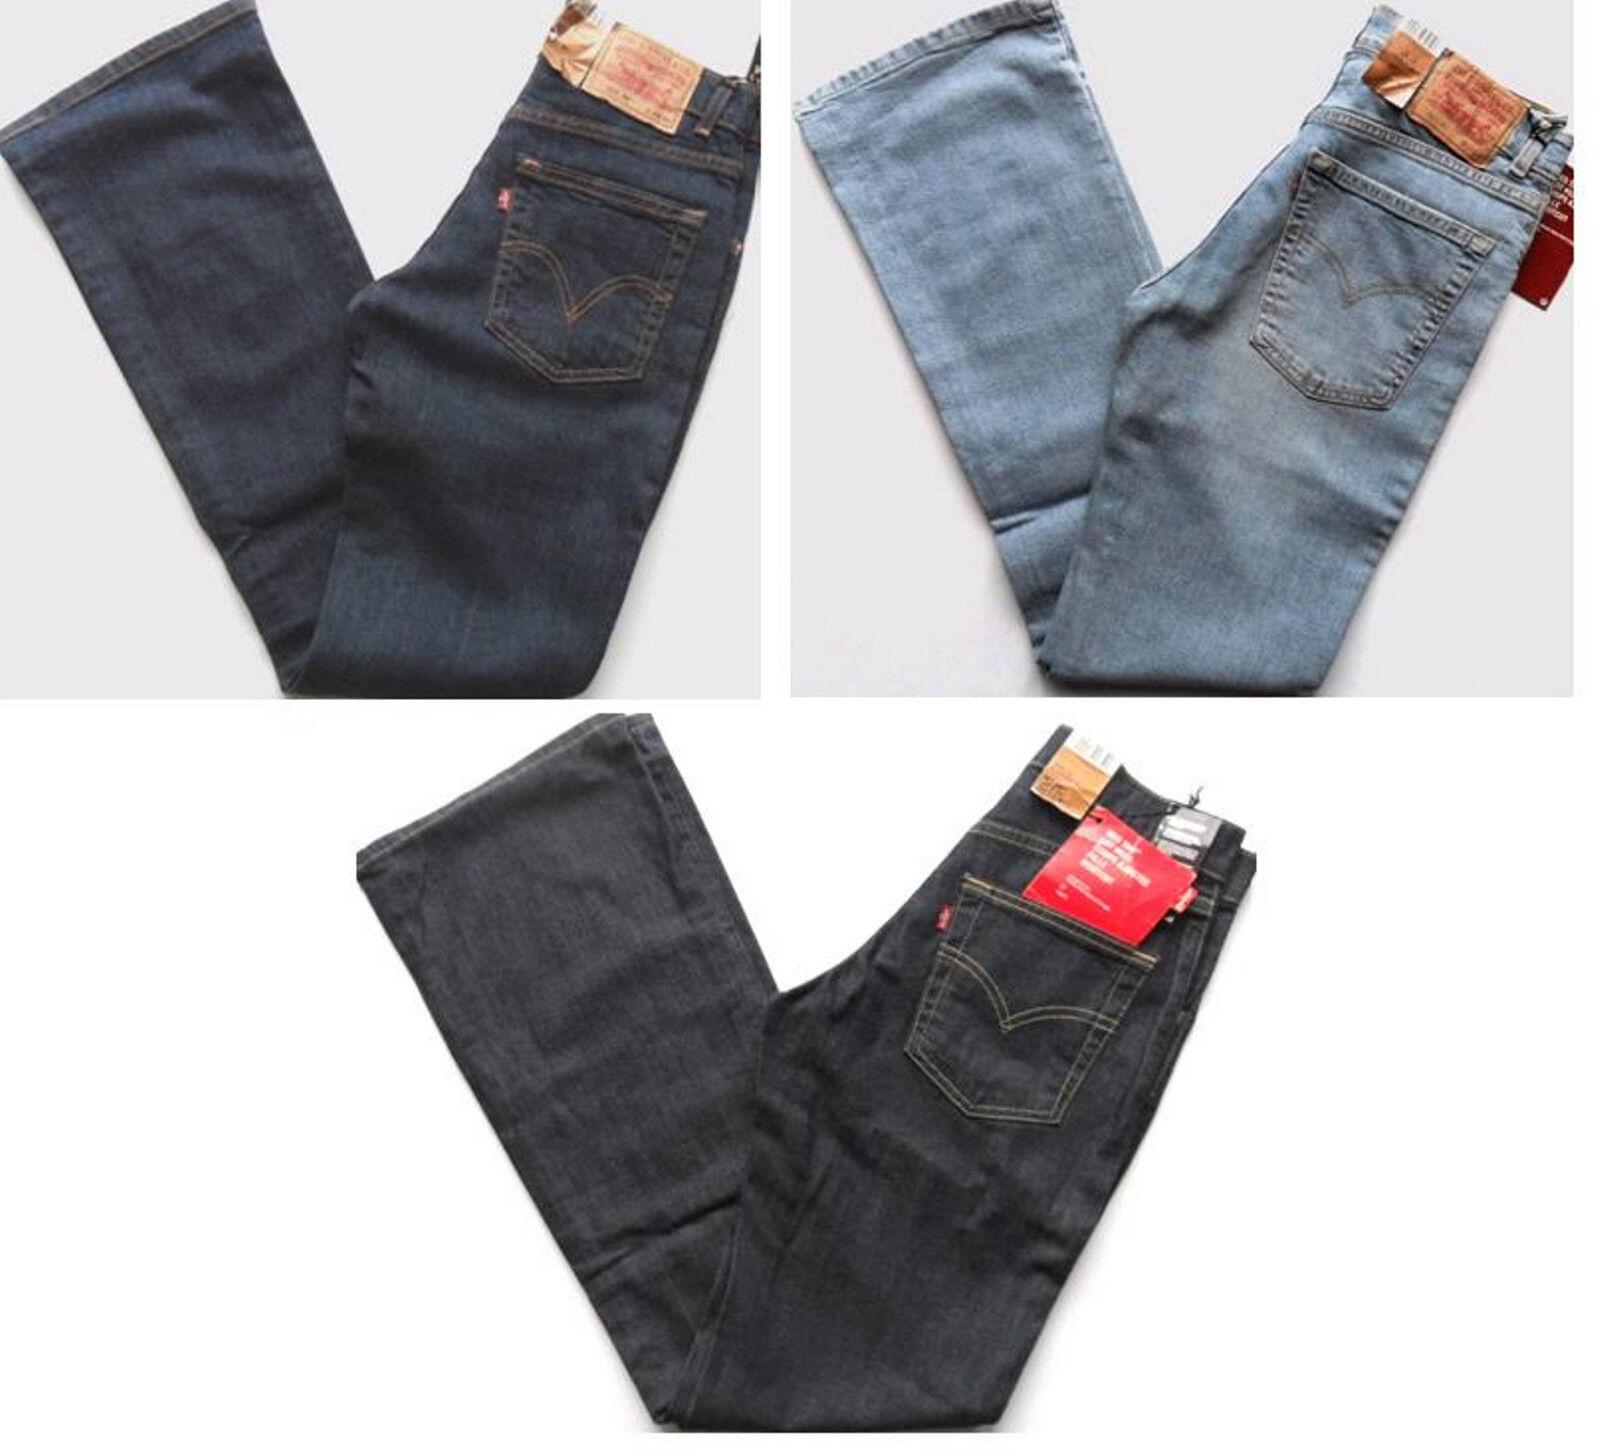 Levi Vintage Tab Jeans Filles Rouge Tab Vintage 525 boot cut jean stretch Couleurs  Diverses 8cc140 6ee987895a53